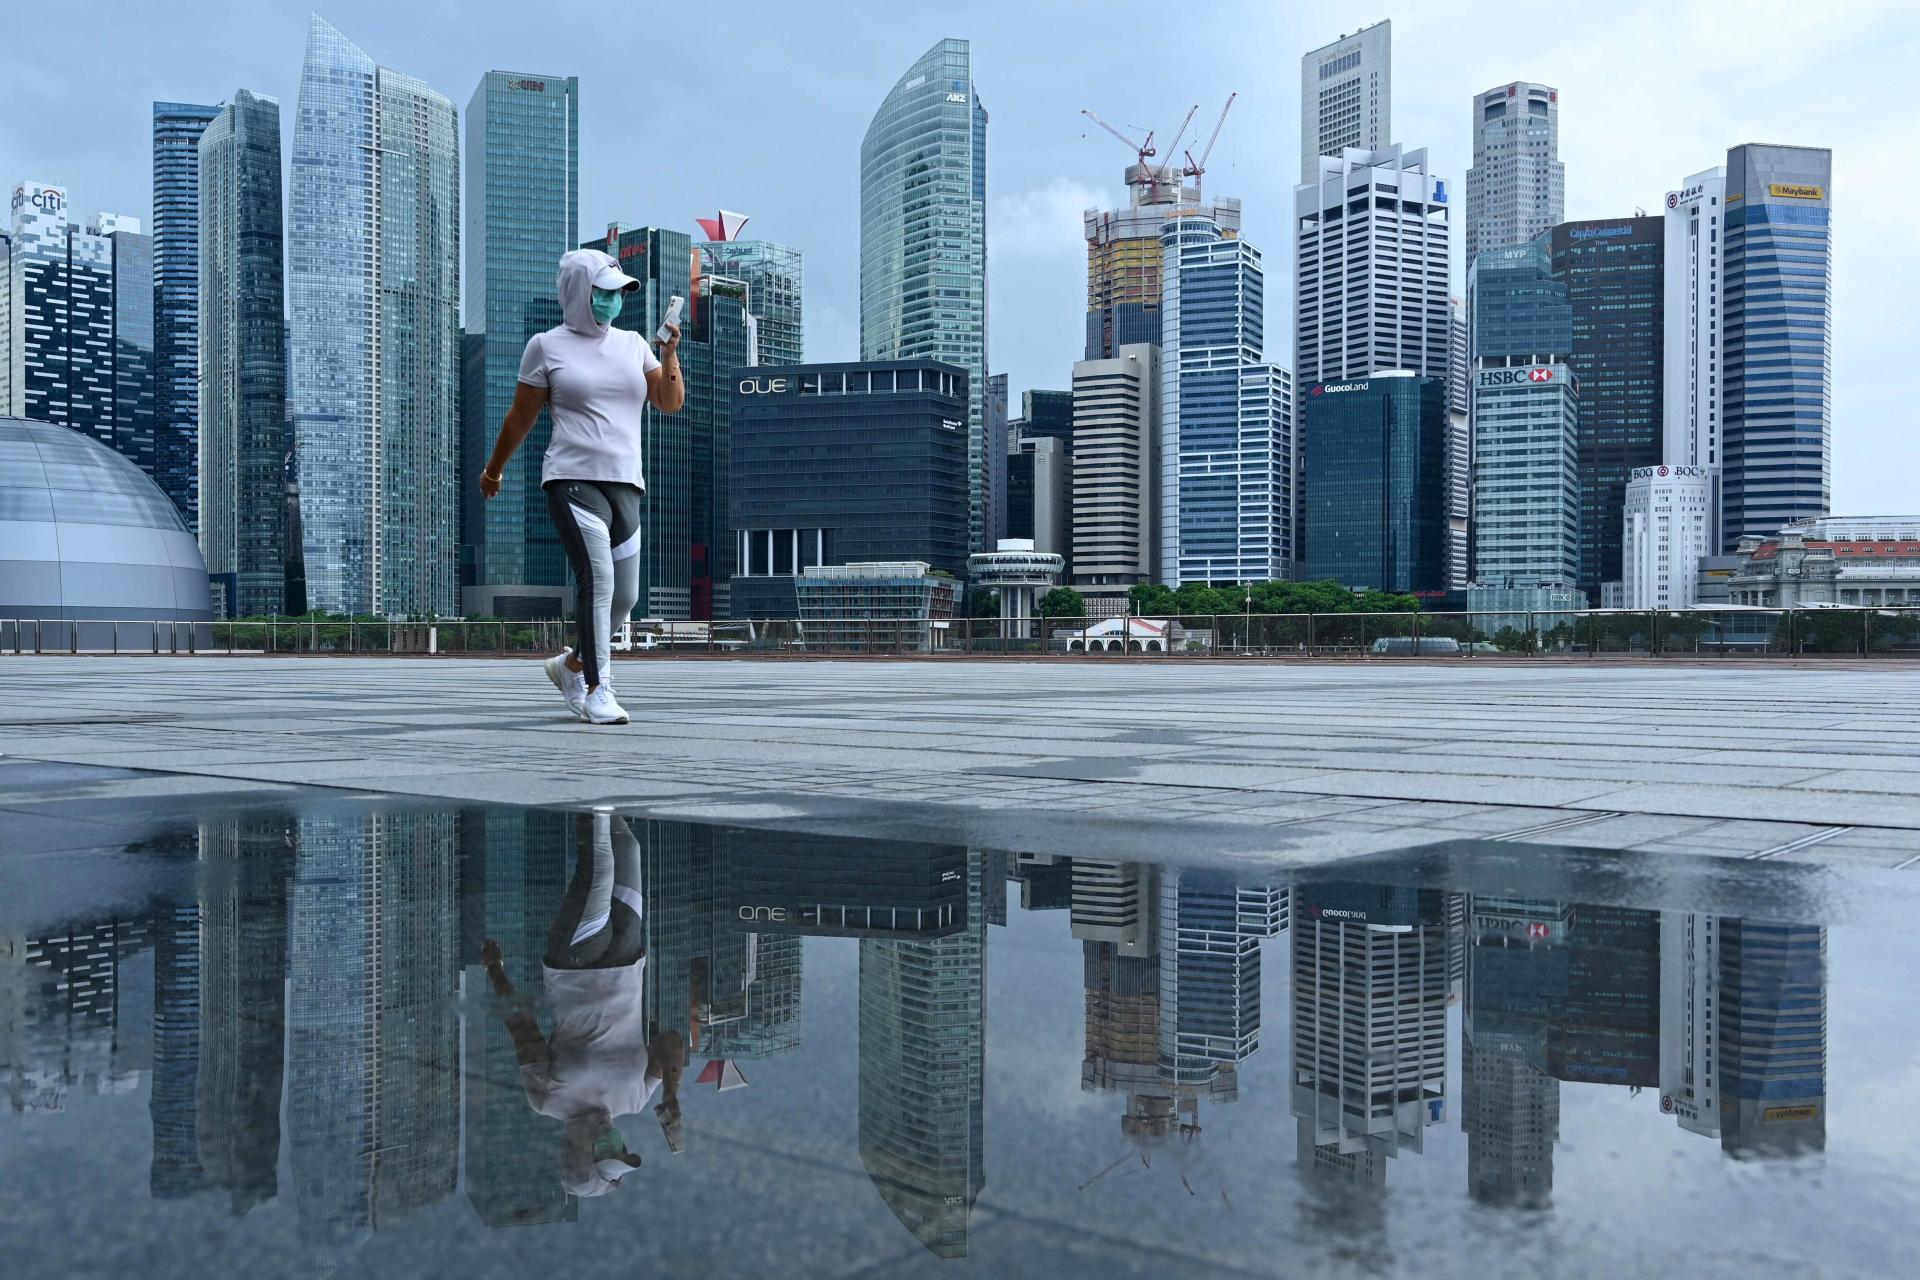 A Singapour, le traçage par app dégénère en surveillance de masse ...